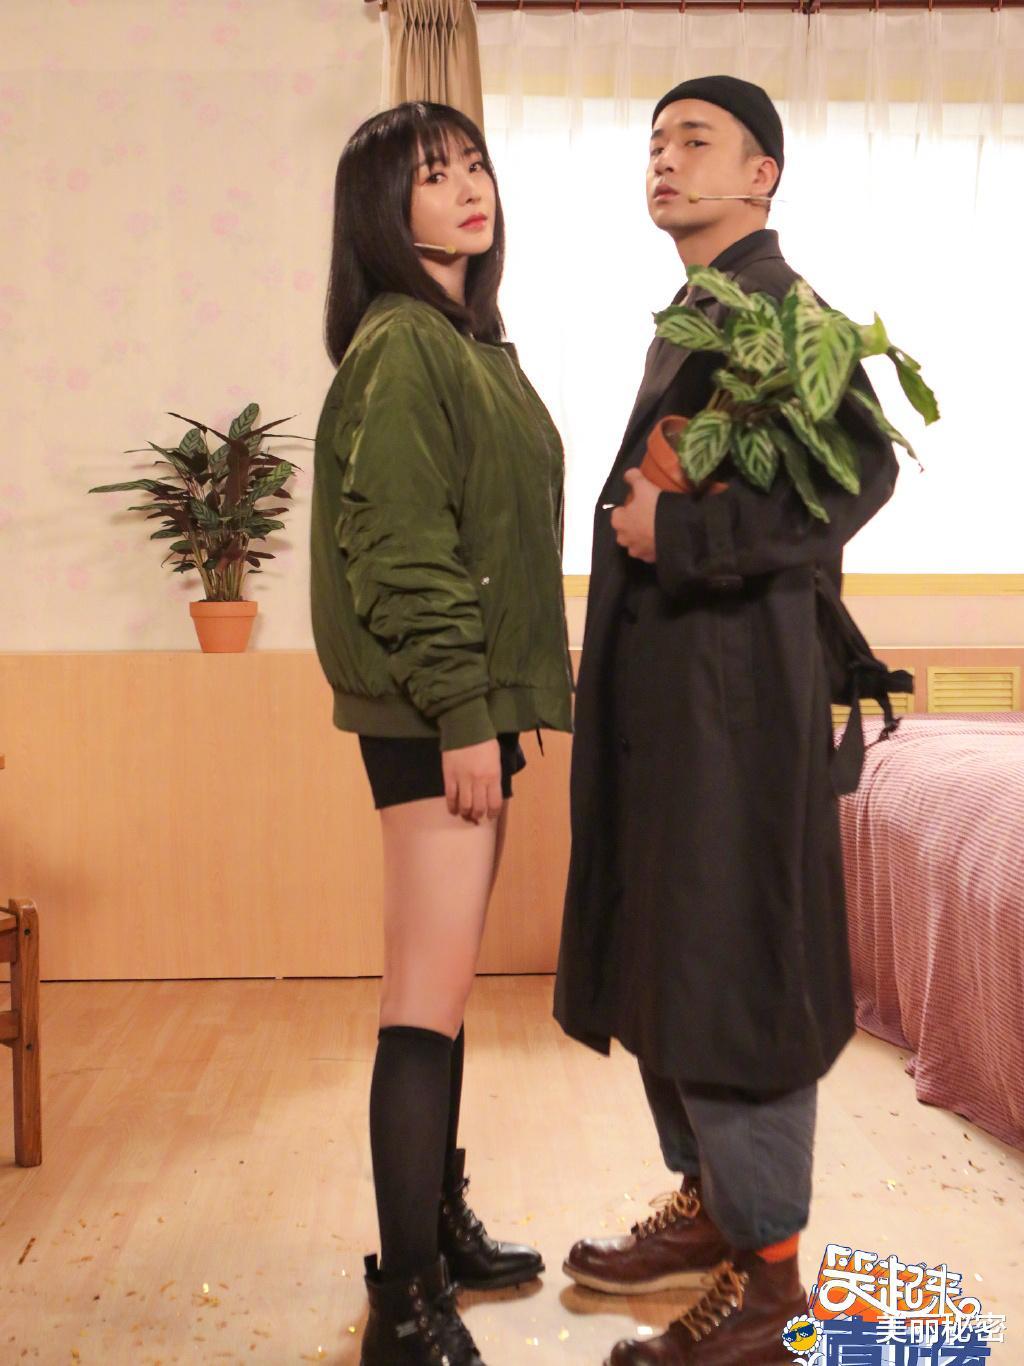 柳巖終於剪短發瞭, 波波頭配黑色西裝清純動人, 40歲美成00後-圖11